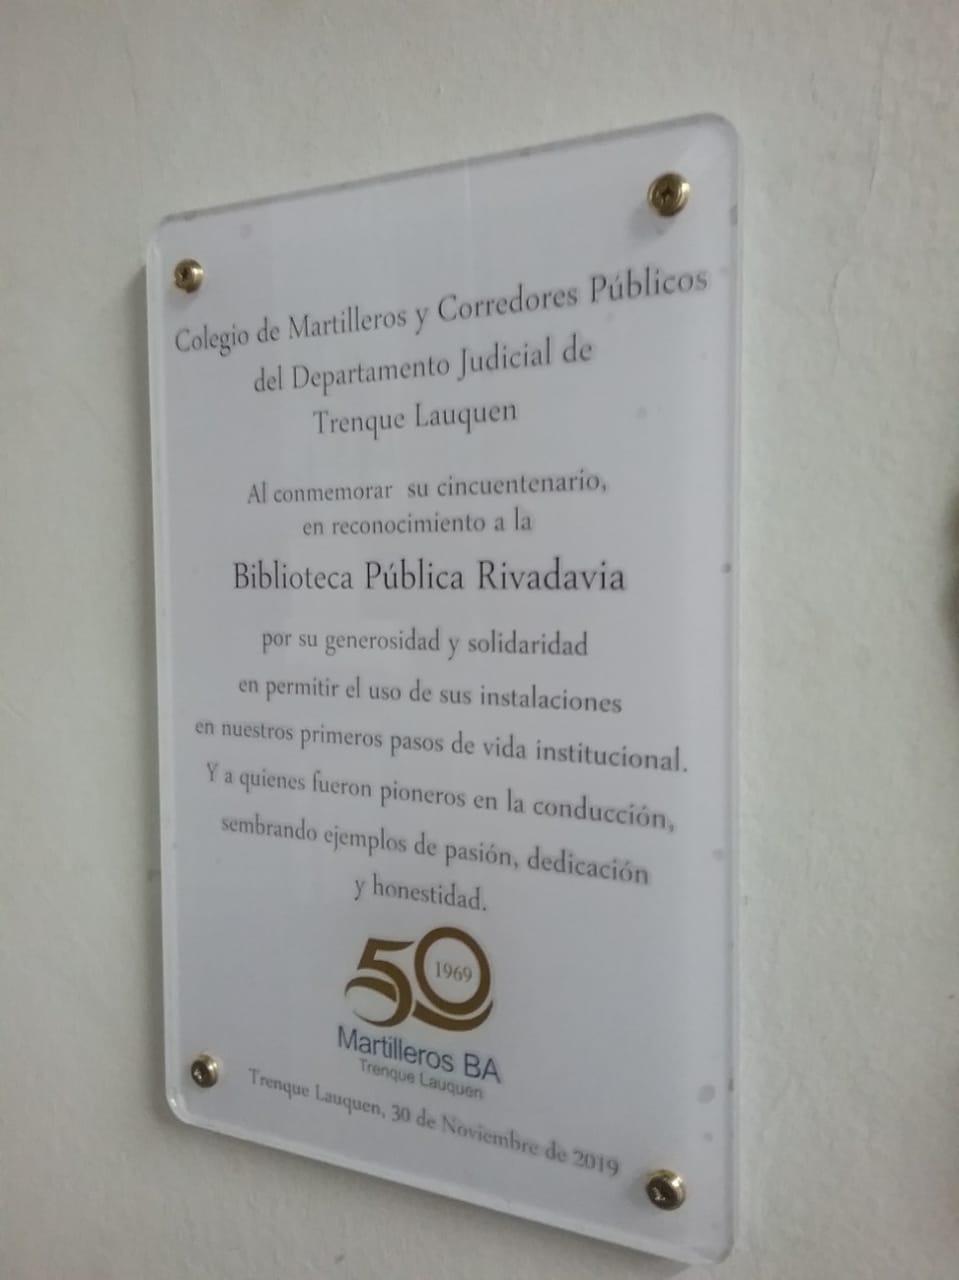 50 aniversario del Colegio de Martilleros y Corredores Públicos del Departamento Judicial Trenque Lauquen